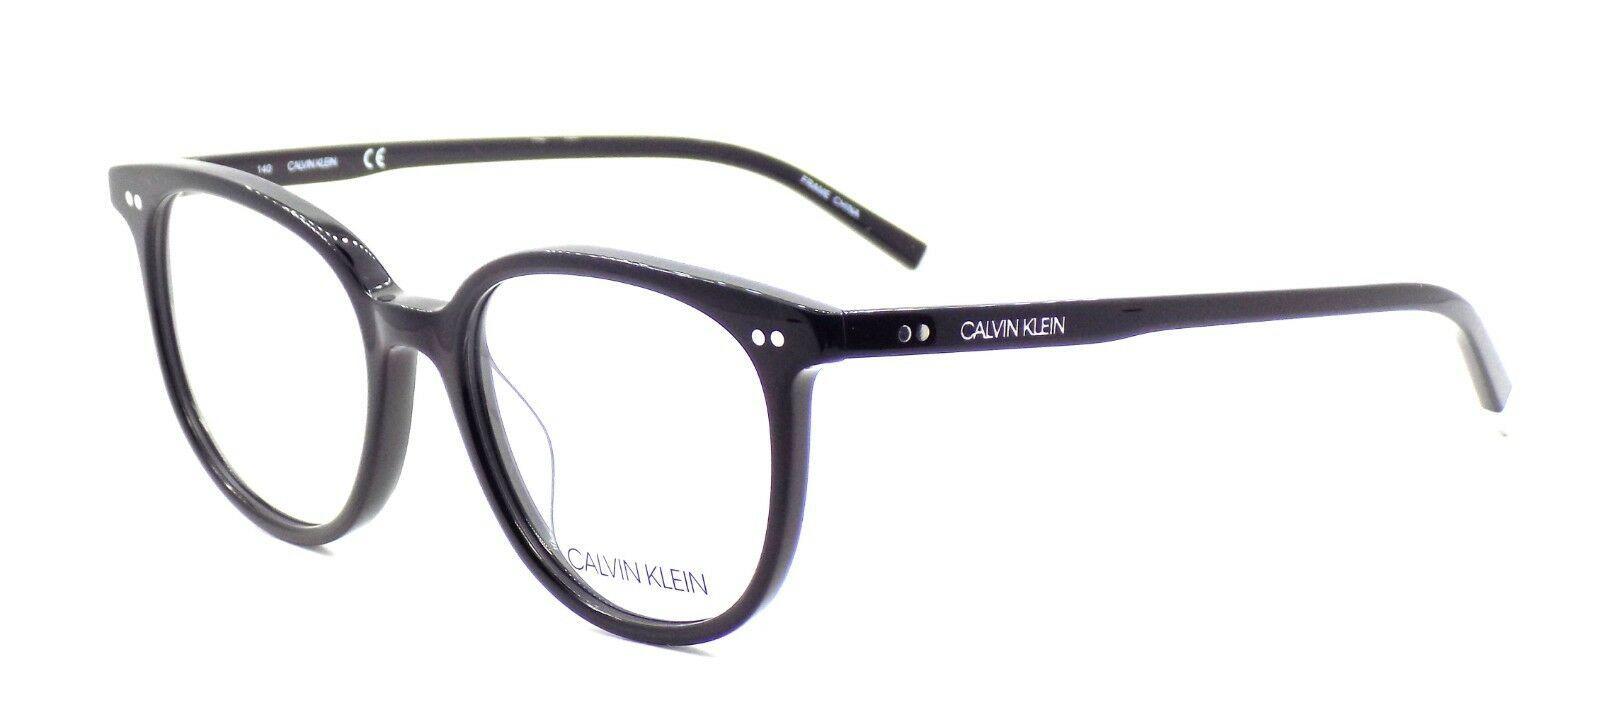 Calvin Klein CK5939 001 Women's Eyeglasses Frames Black 49-17-140 + CASE